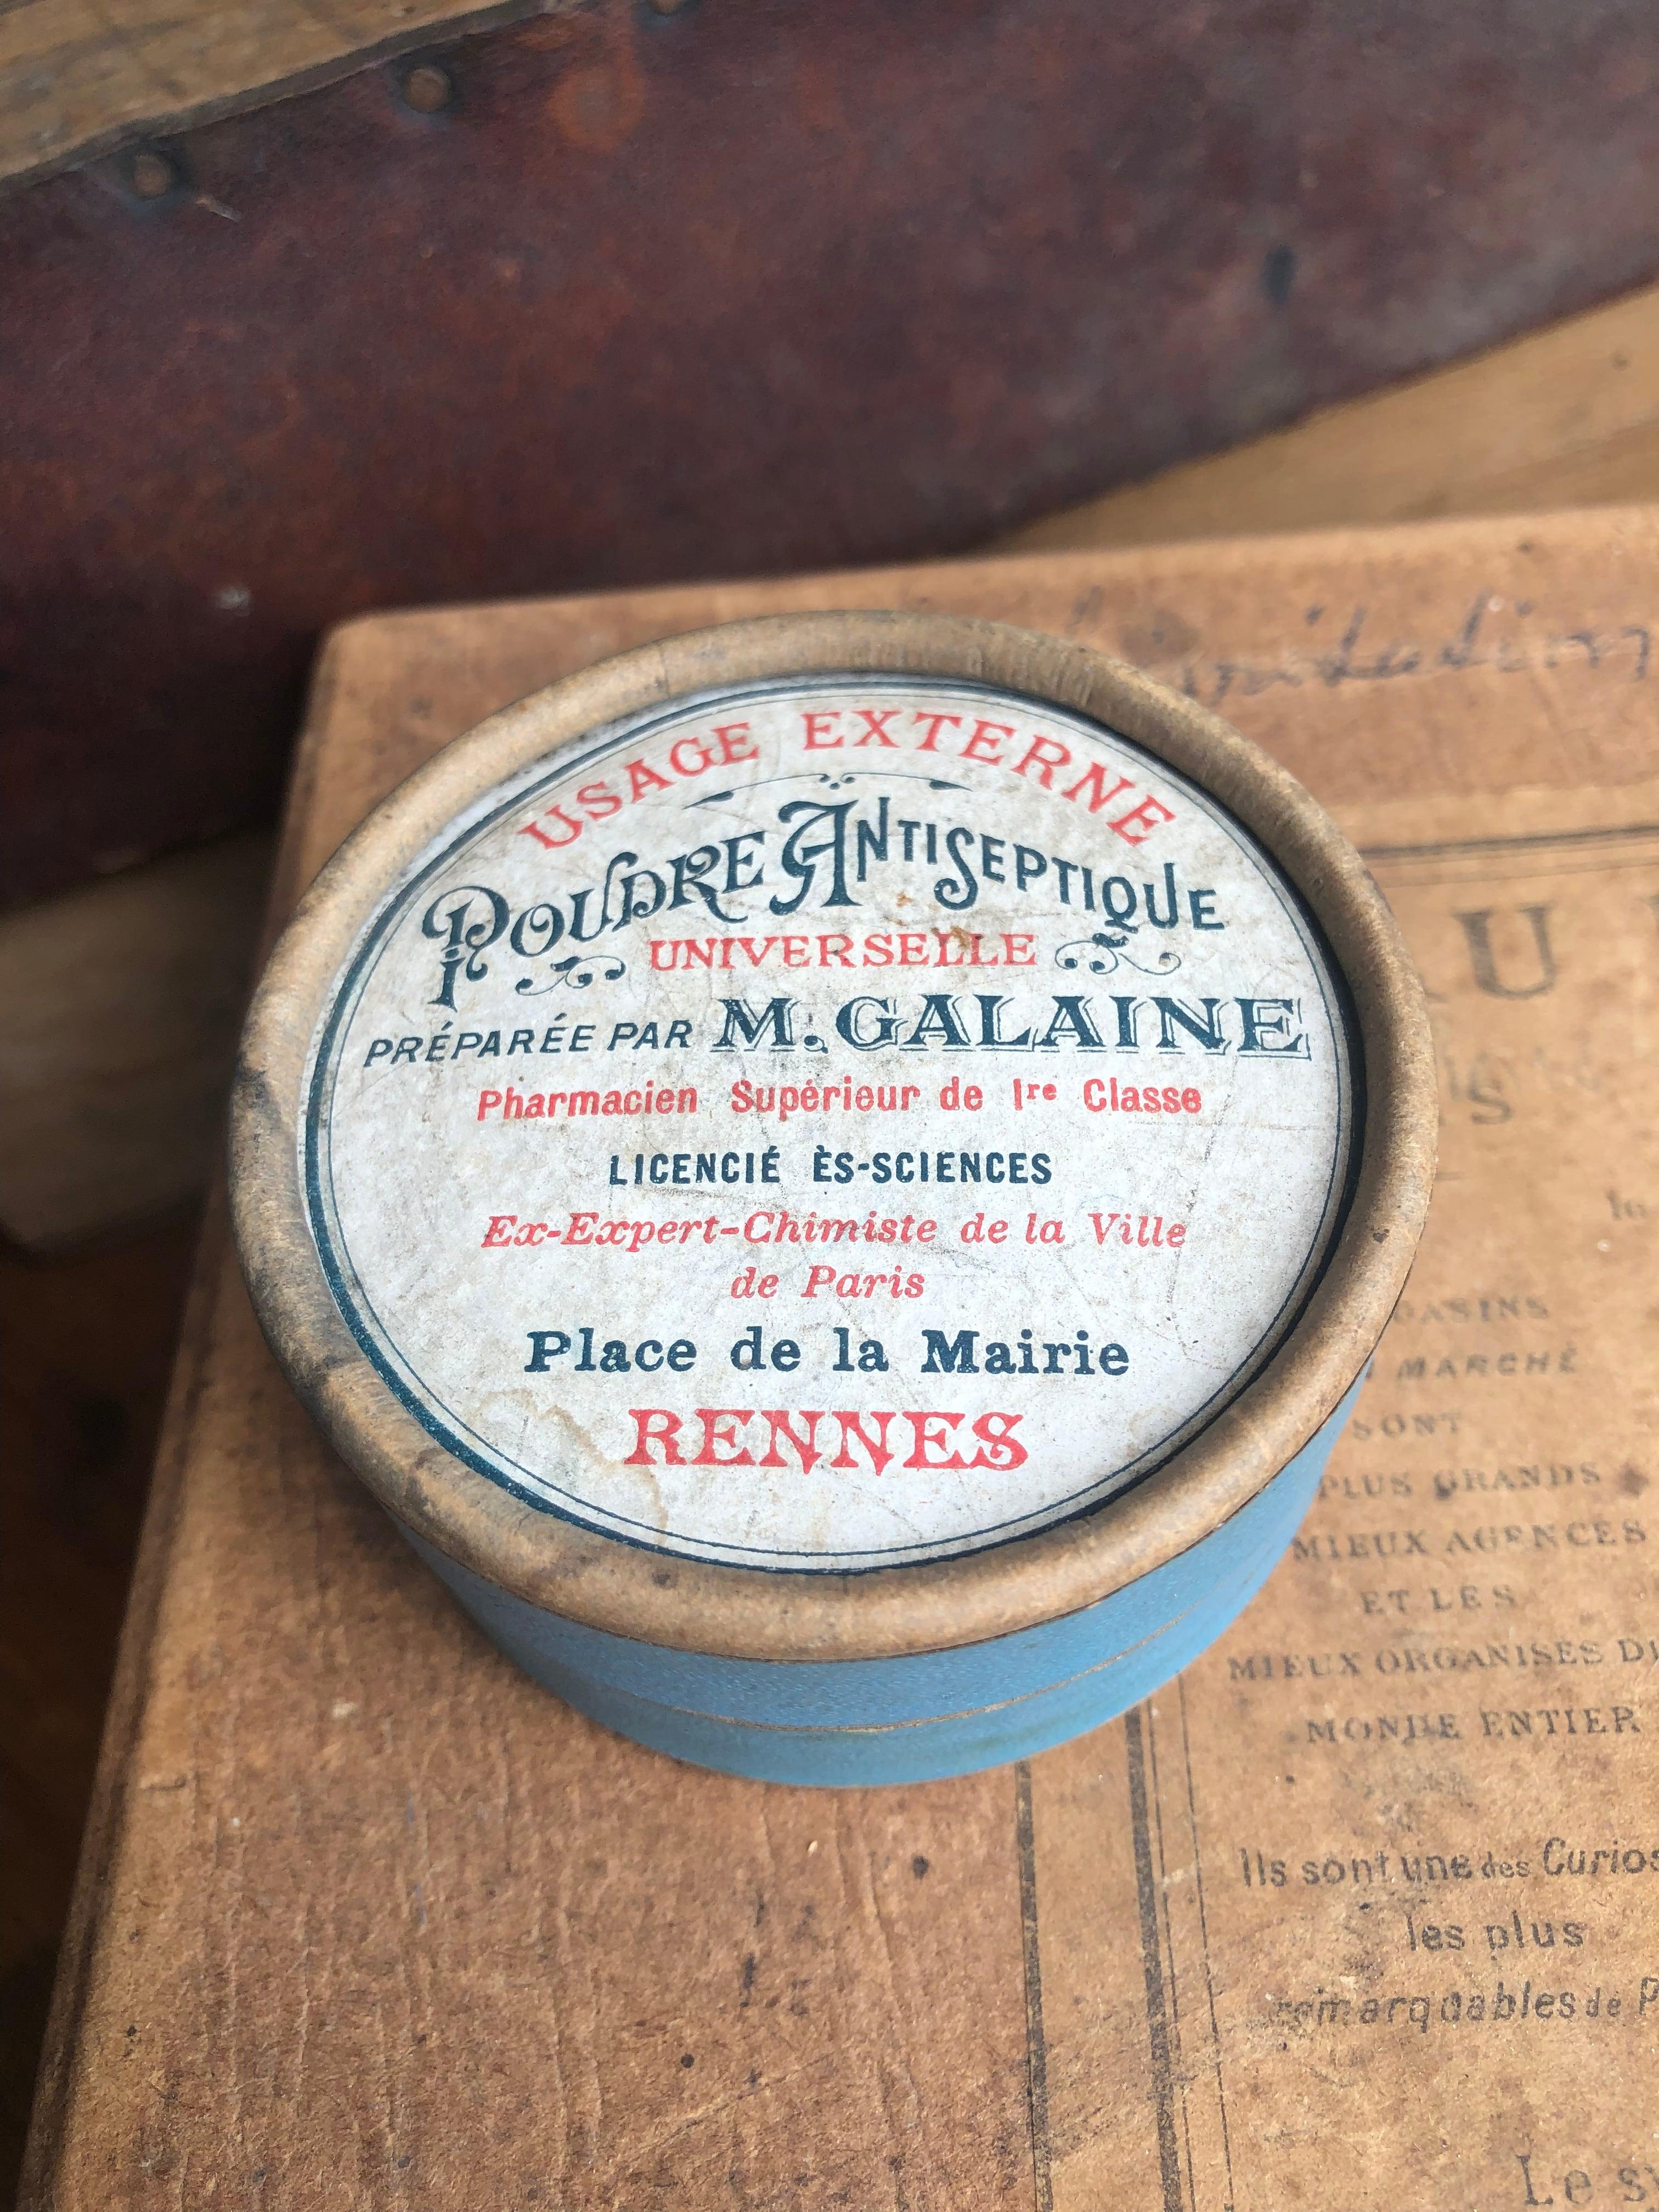 Poudre Antiseptique 水色の小さな丸い薬箱 紙箱